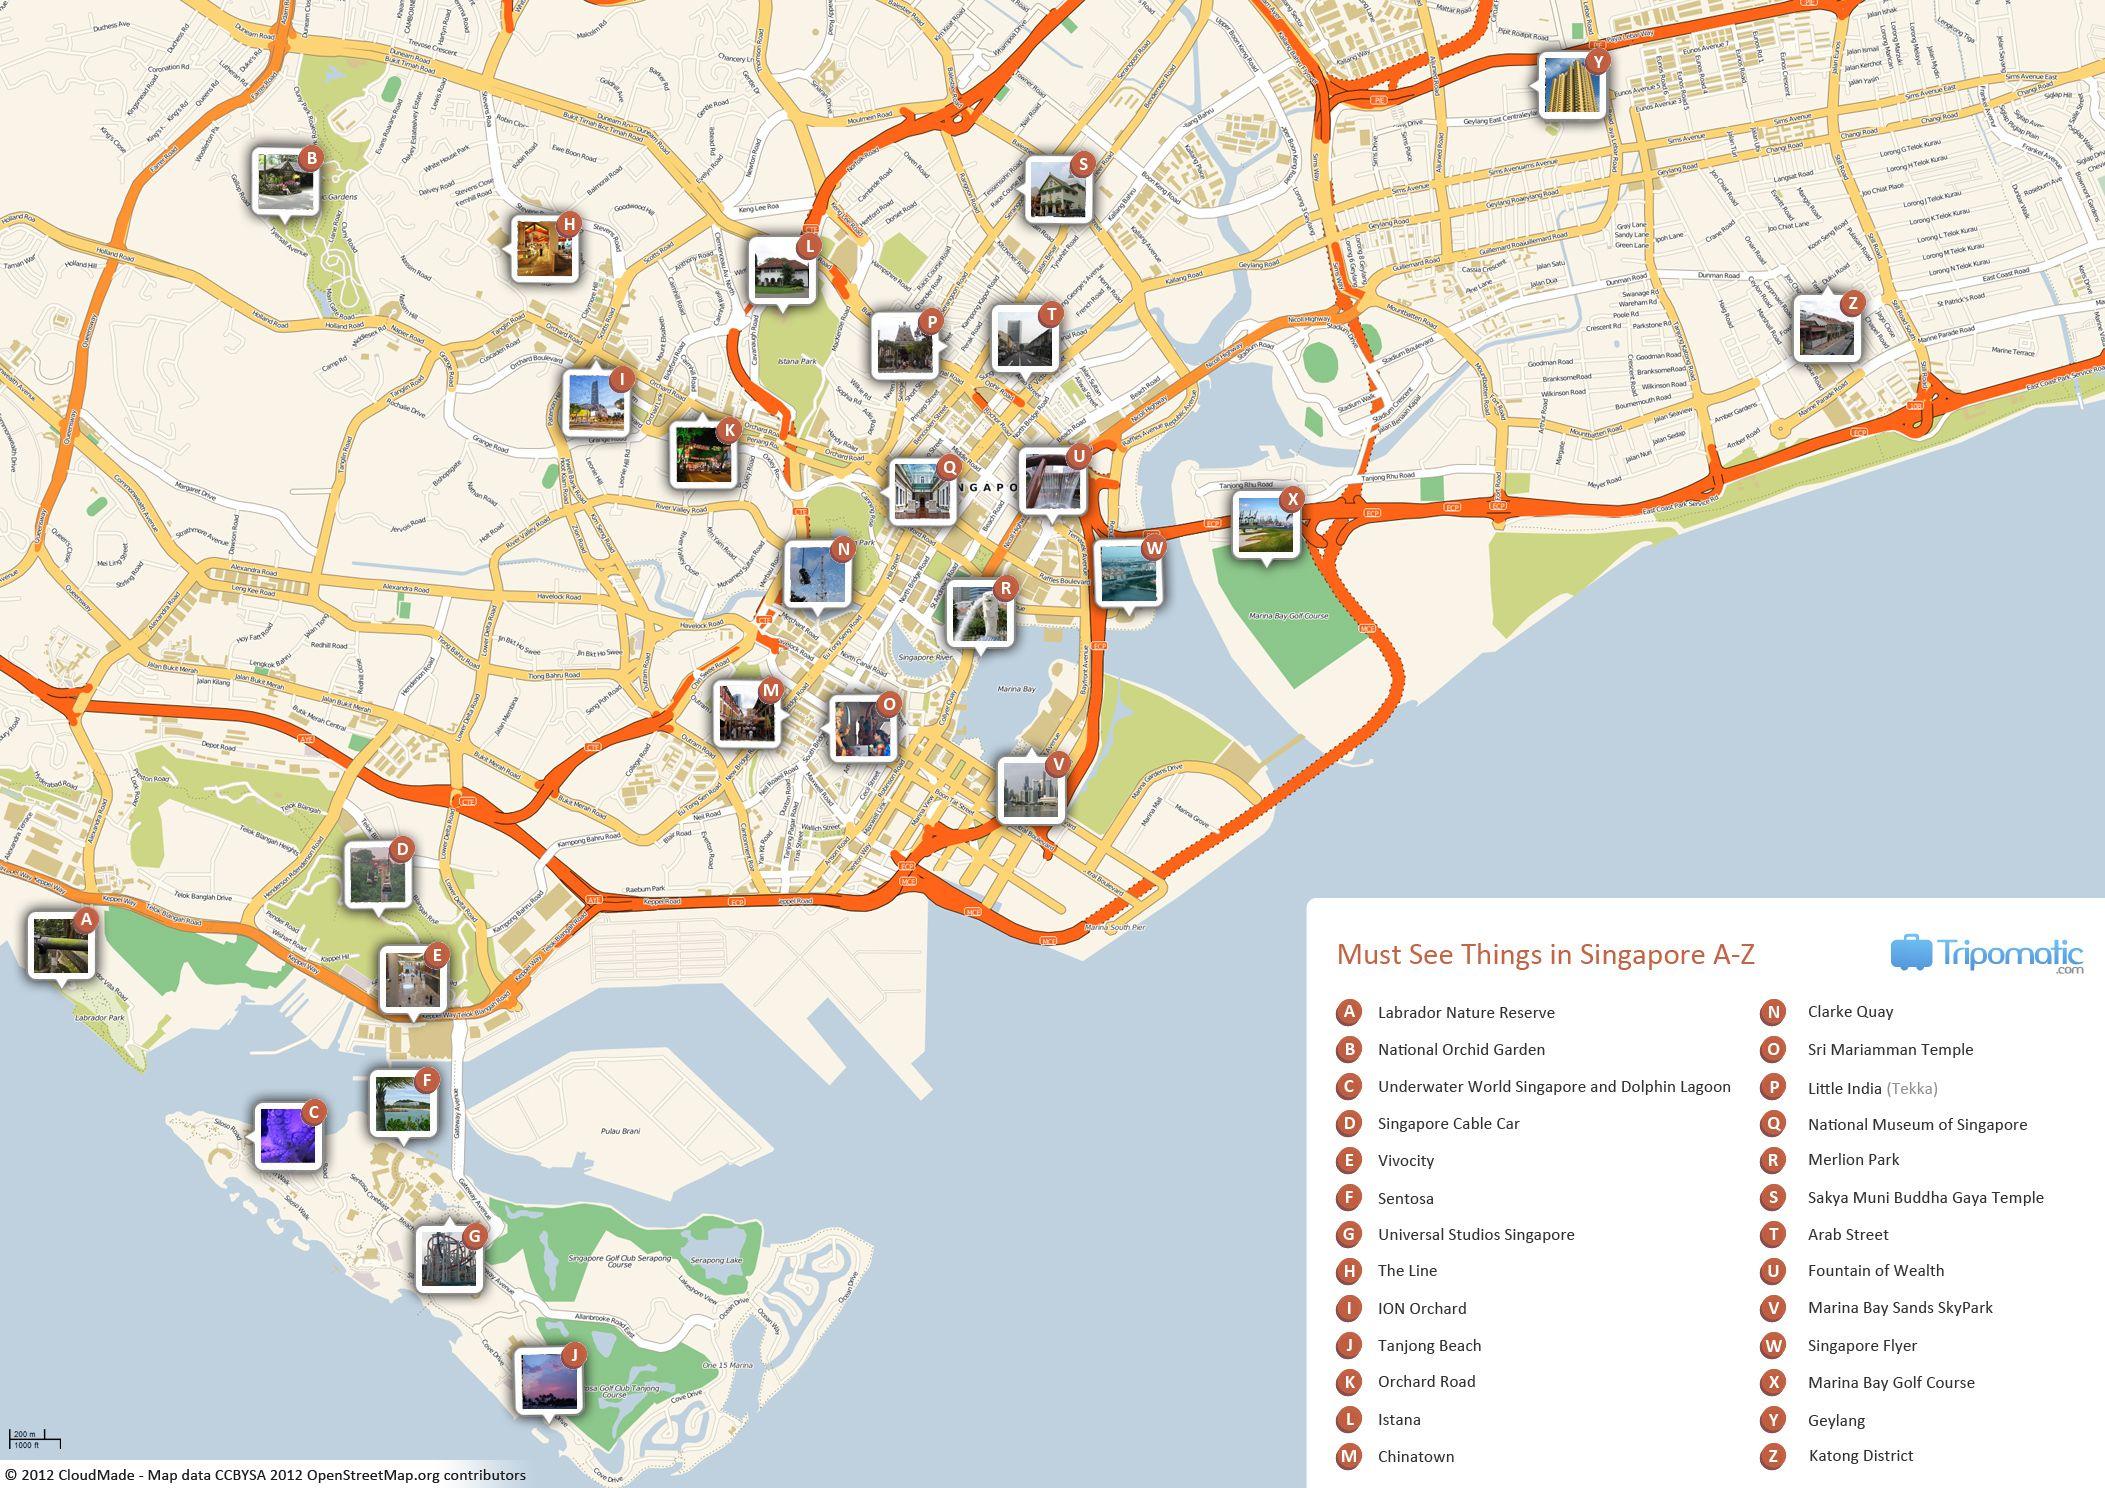 Singapore Printable Tourist Map in 2019 | Free Tourist Maps ... on